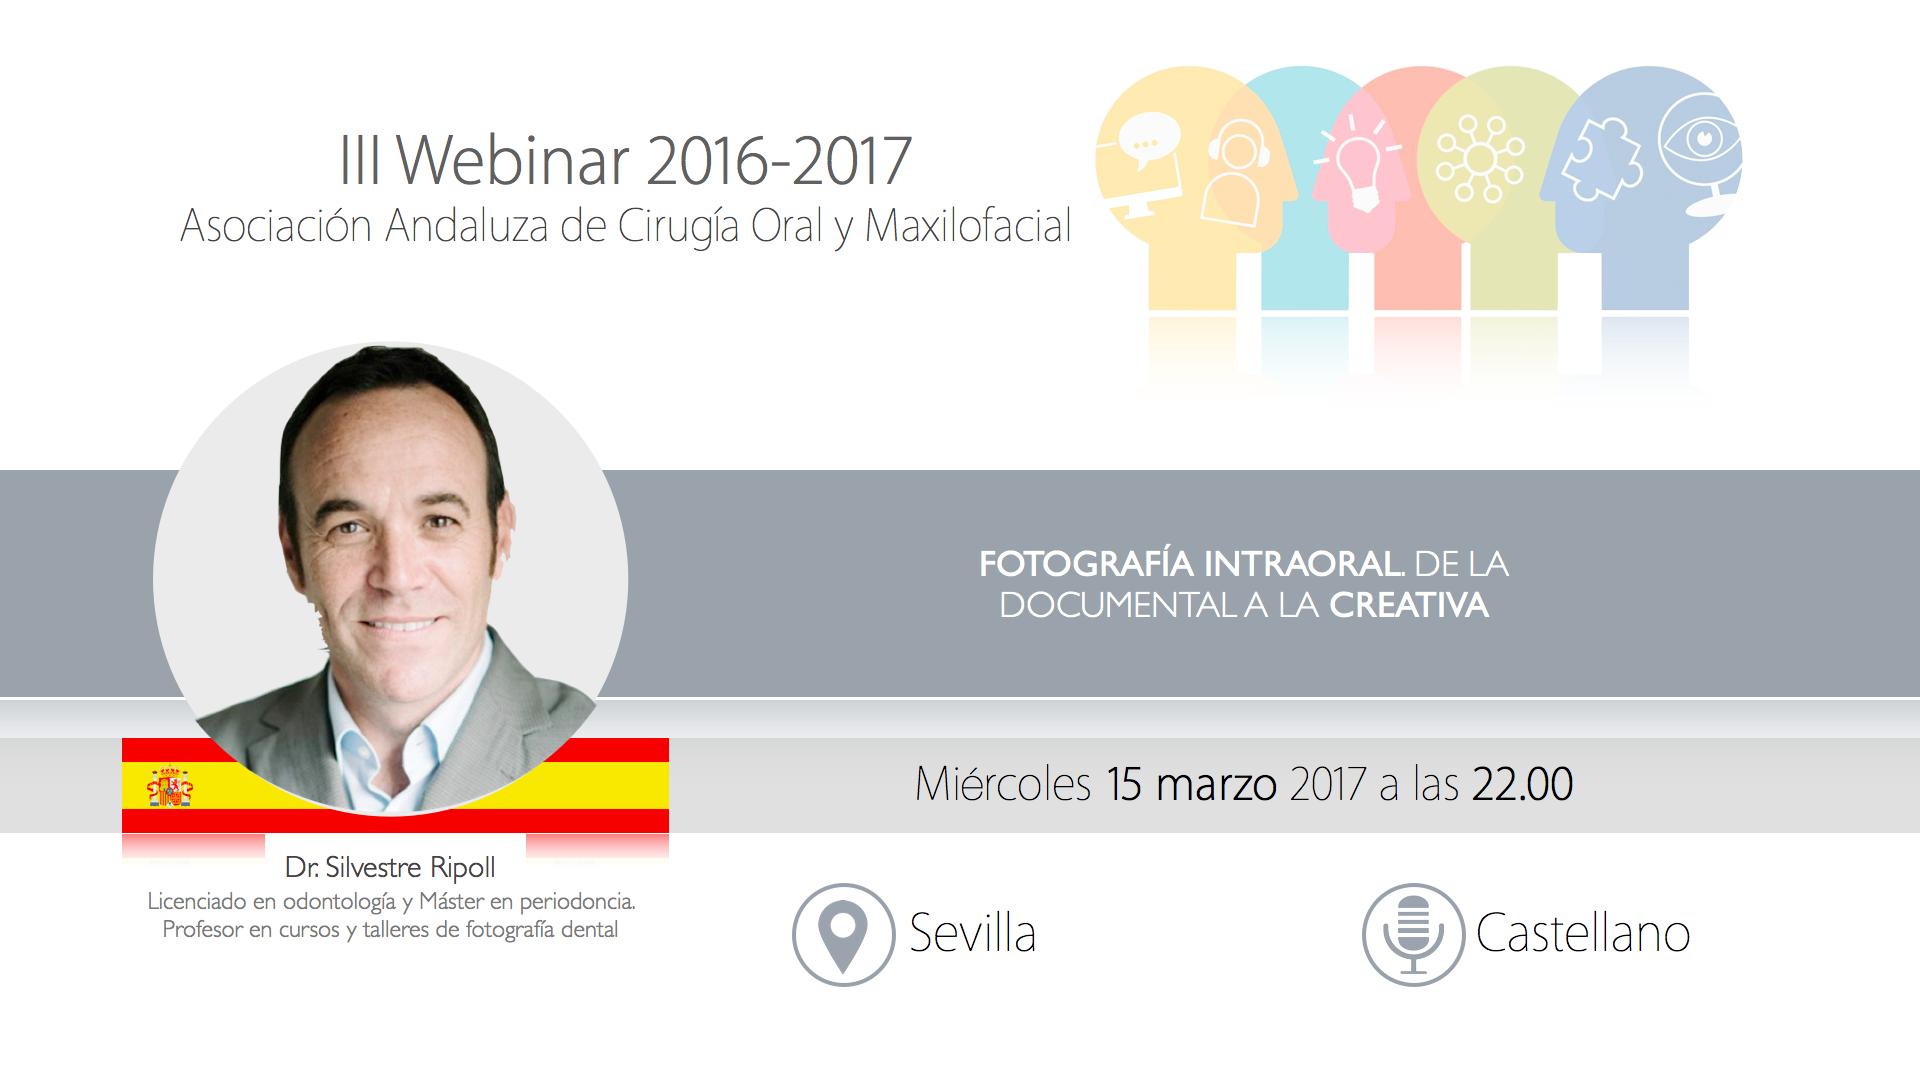 Webinar III 2016-2017. Dr Ripoll